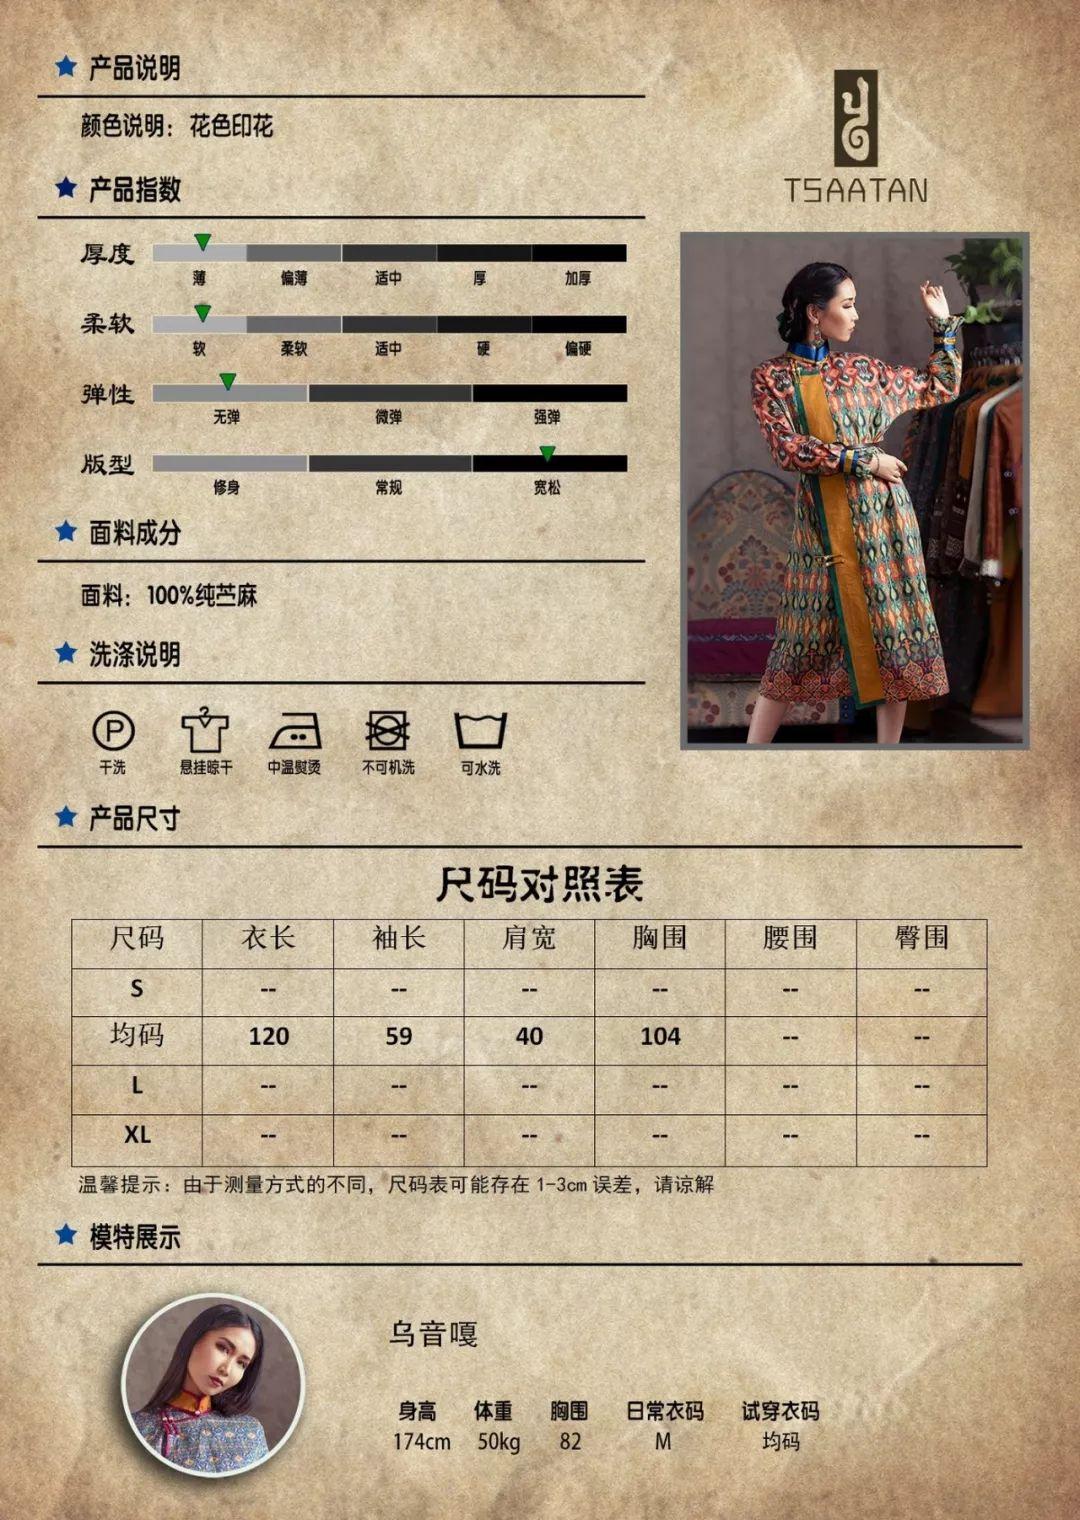 TSAATAN蒙古时装 2019新款,来自驯鹿人的独特魅力! 第73张